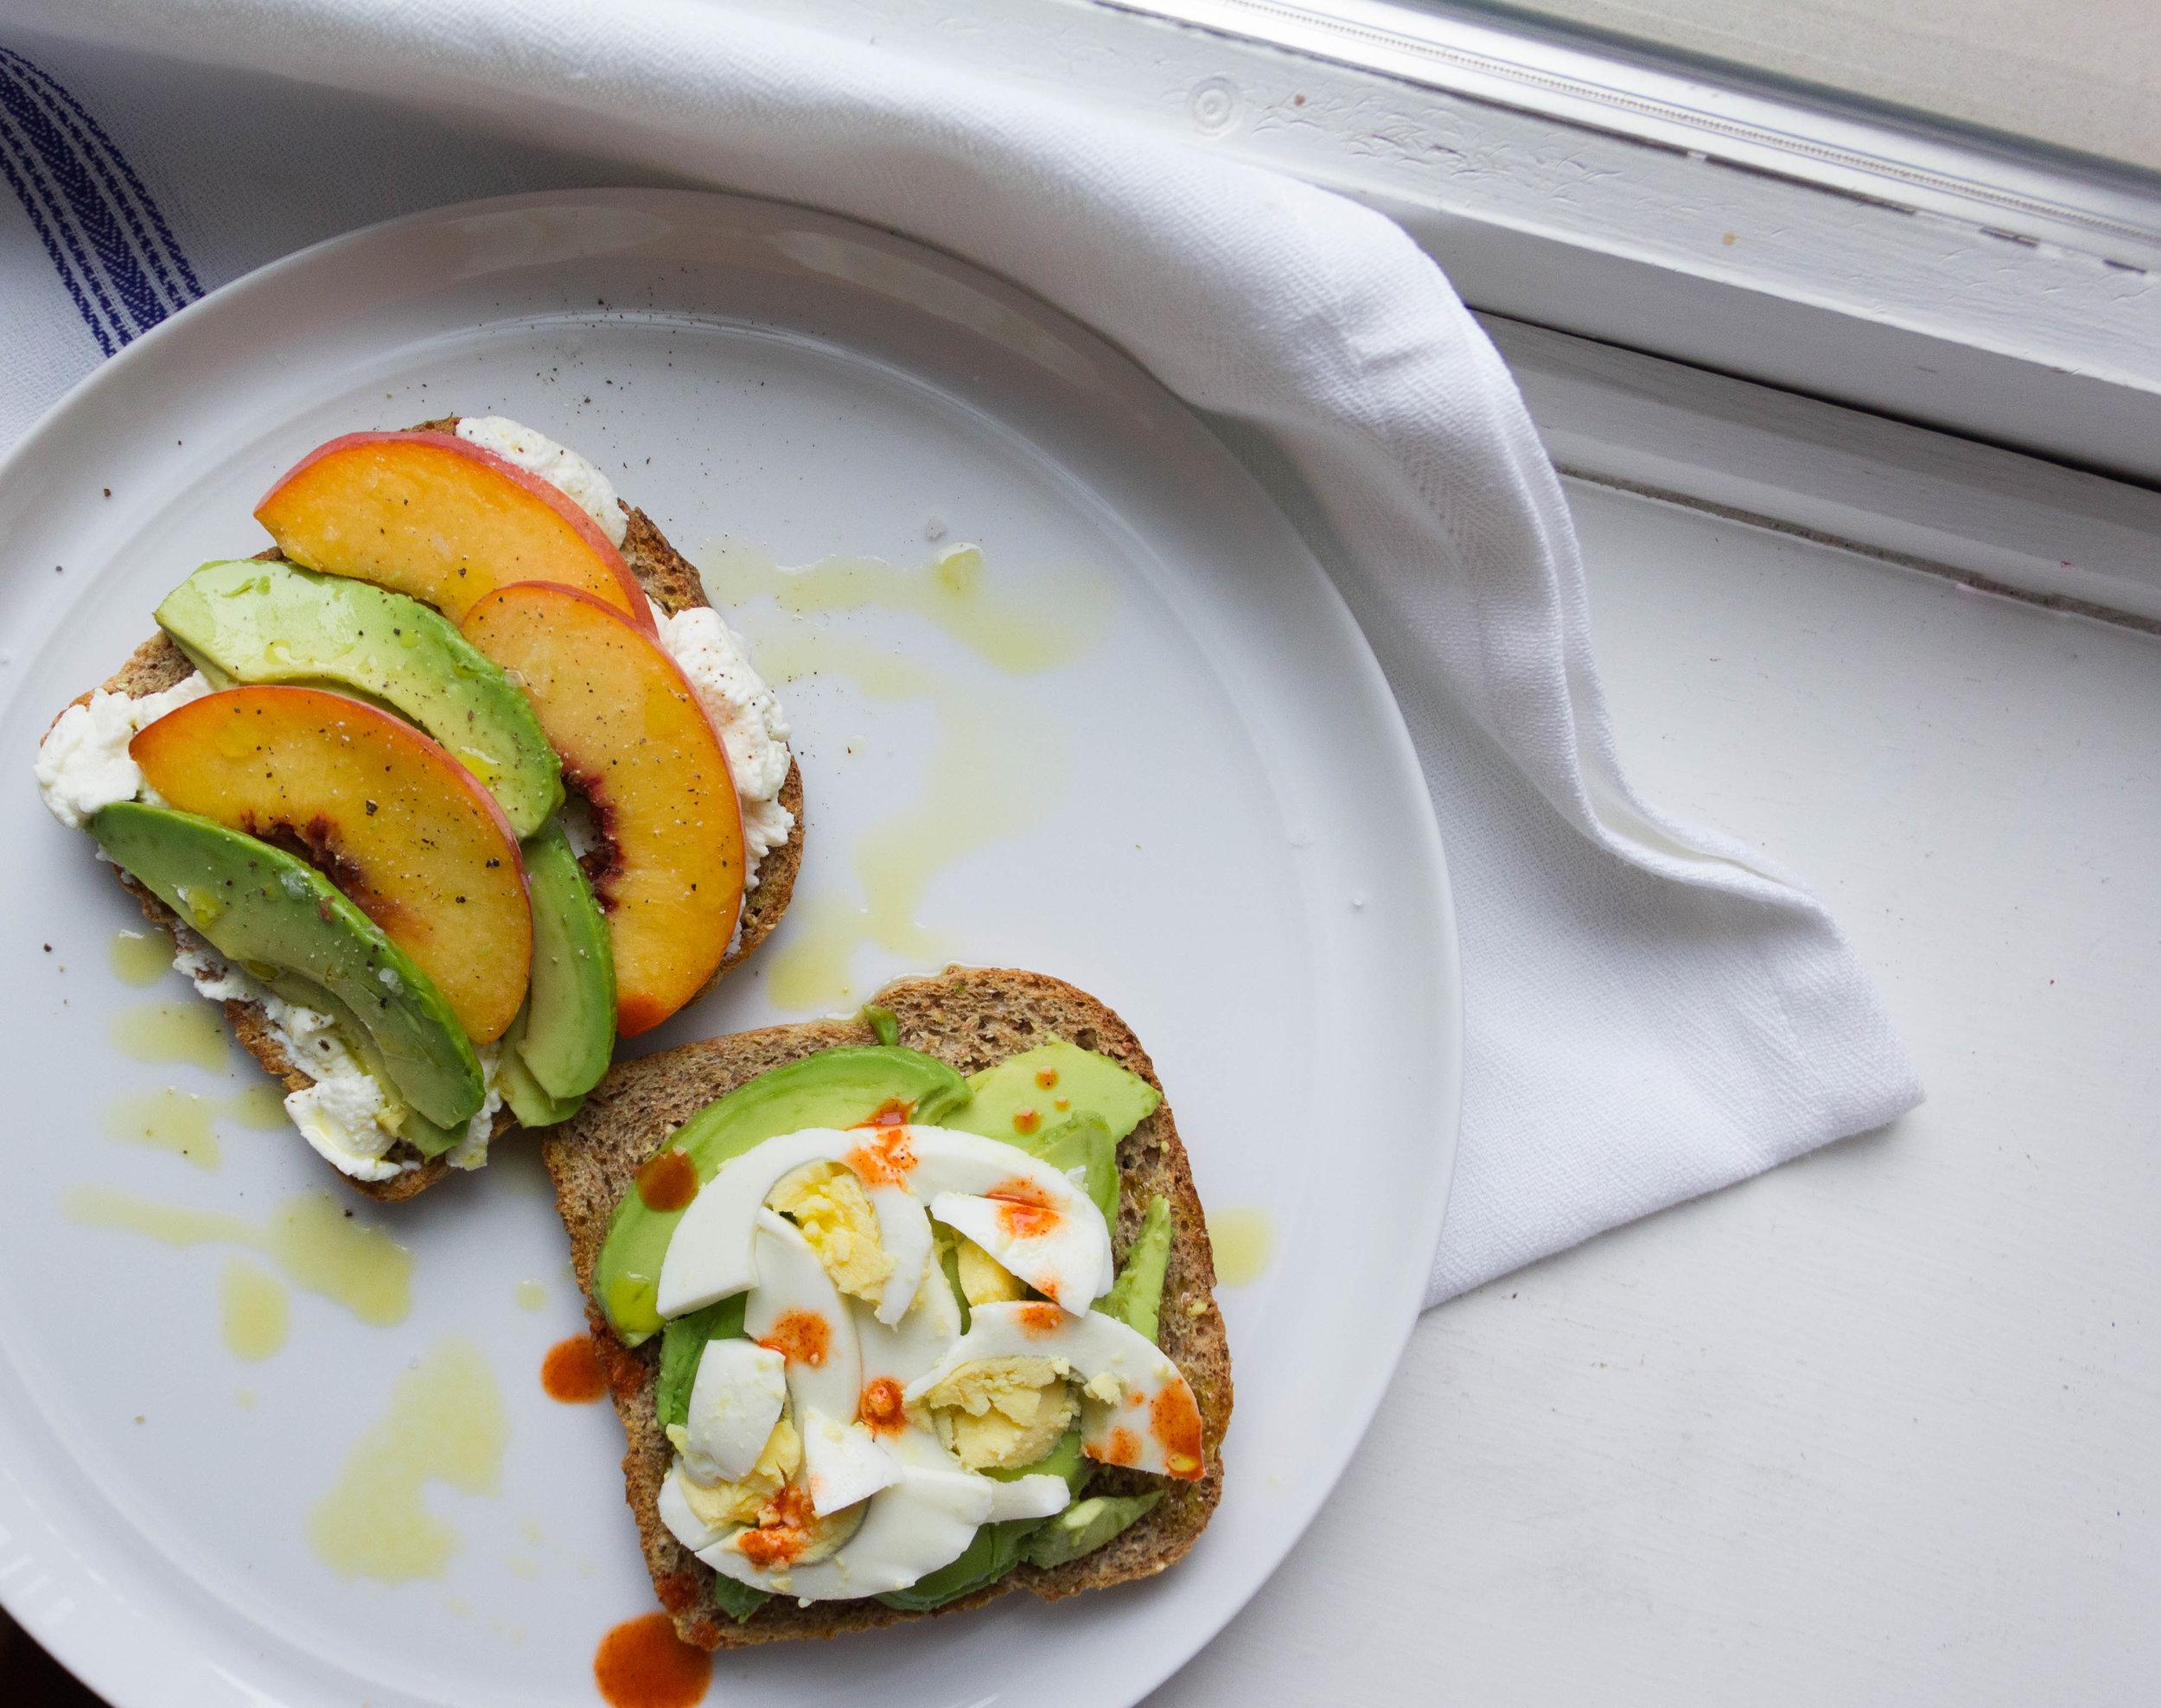 Avocado toast two ways: Peach & Ricotta Avocado Toast + Avocado & Egg Toast